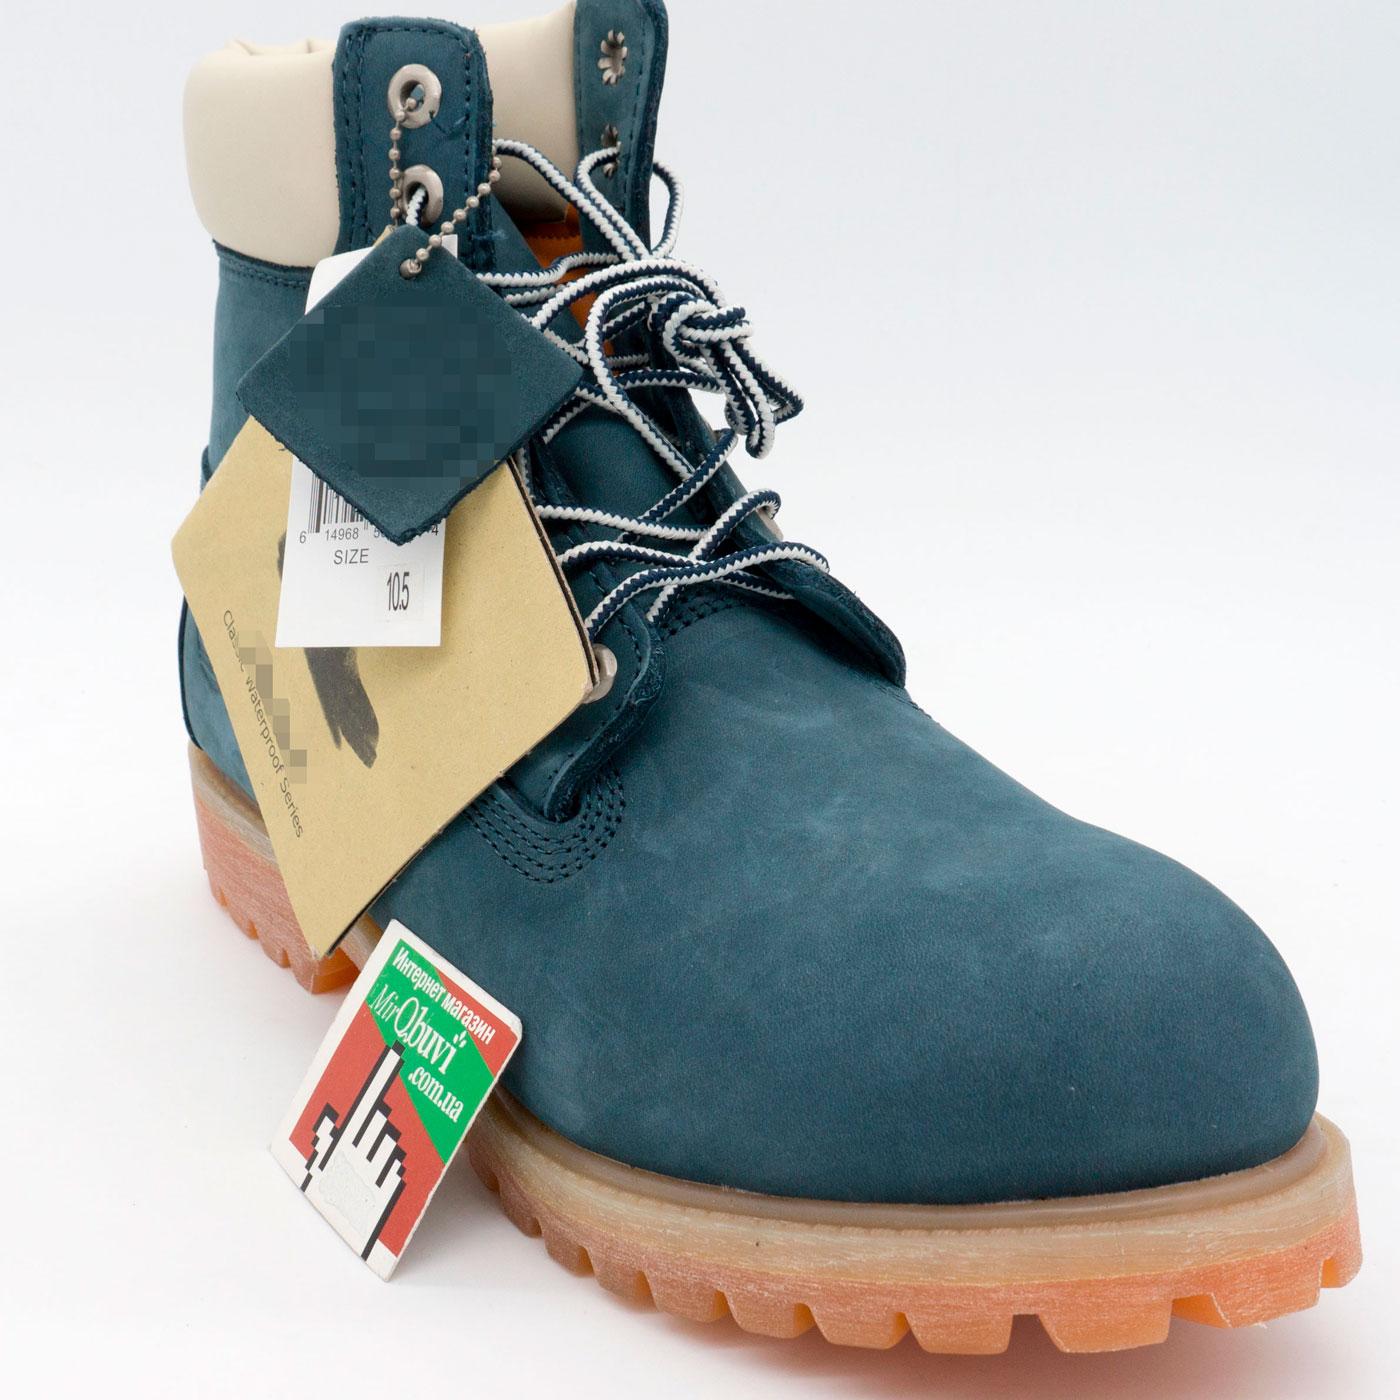 фото back Ботинки Тимберленд синие 26578 - Реплика Топ качества! back